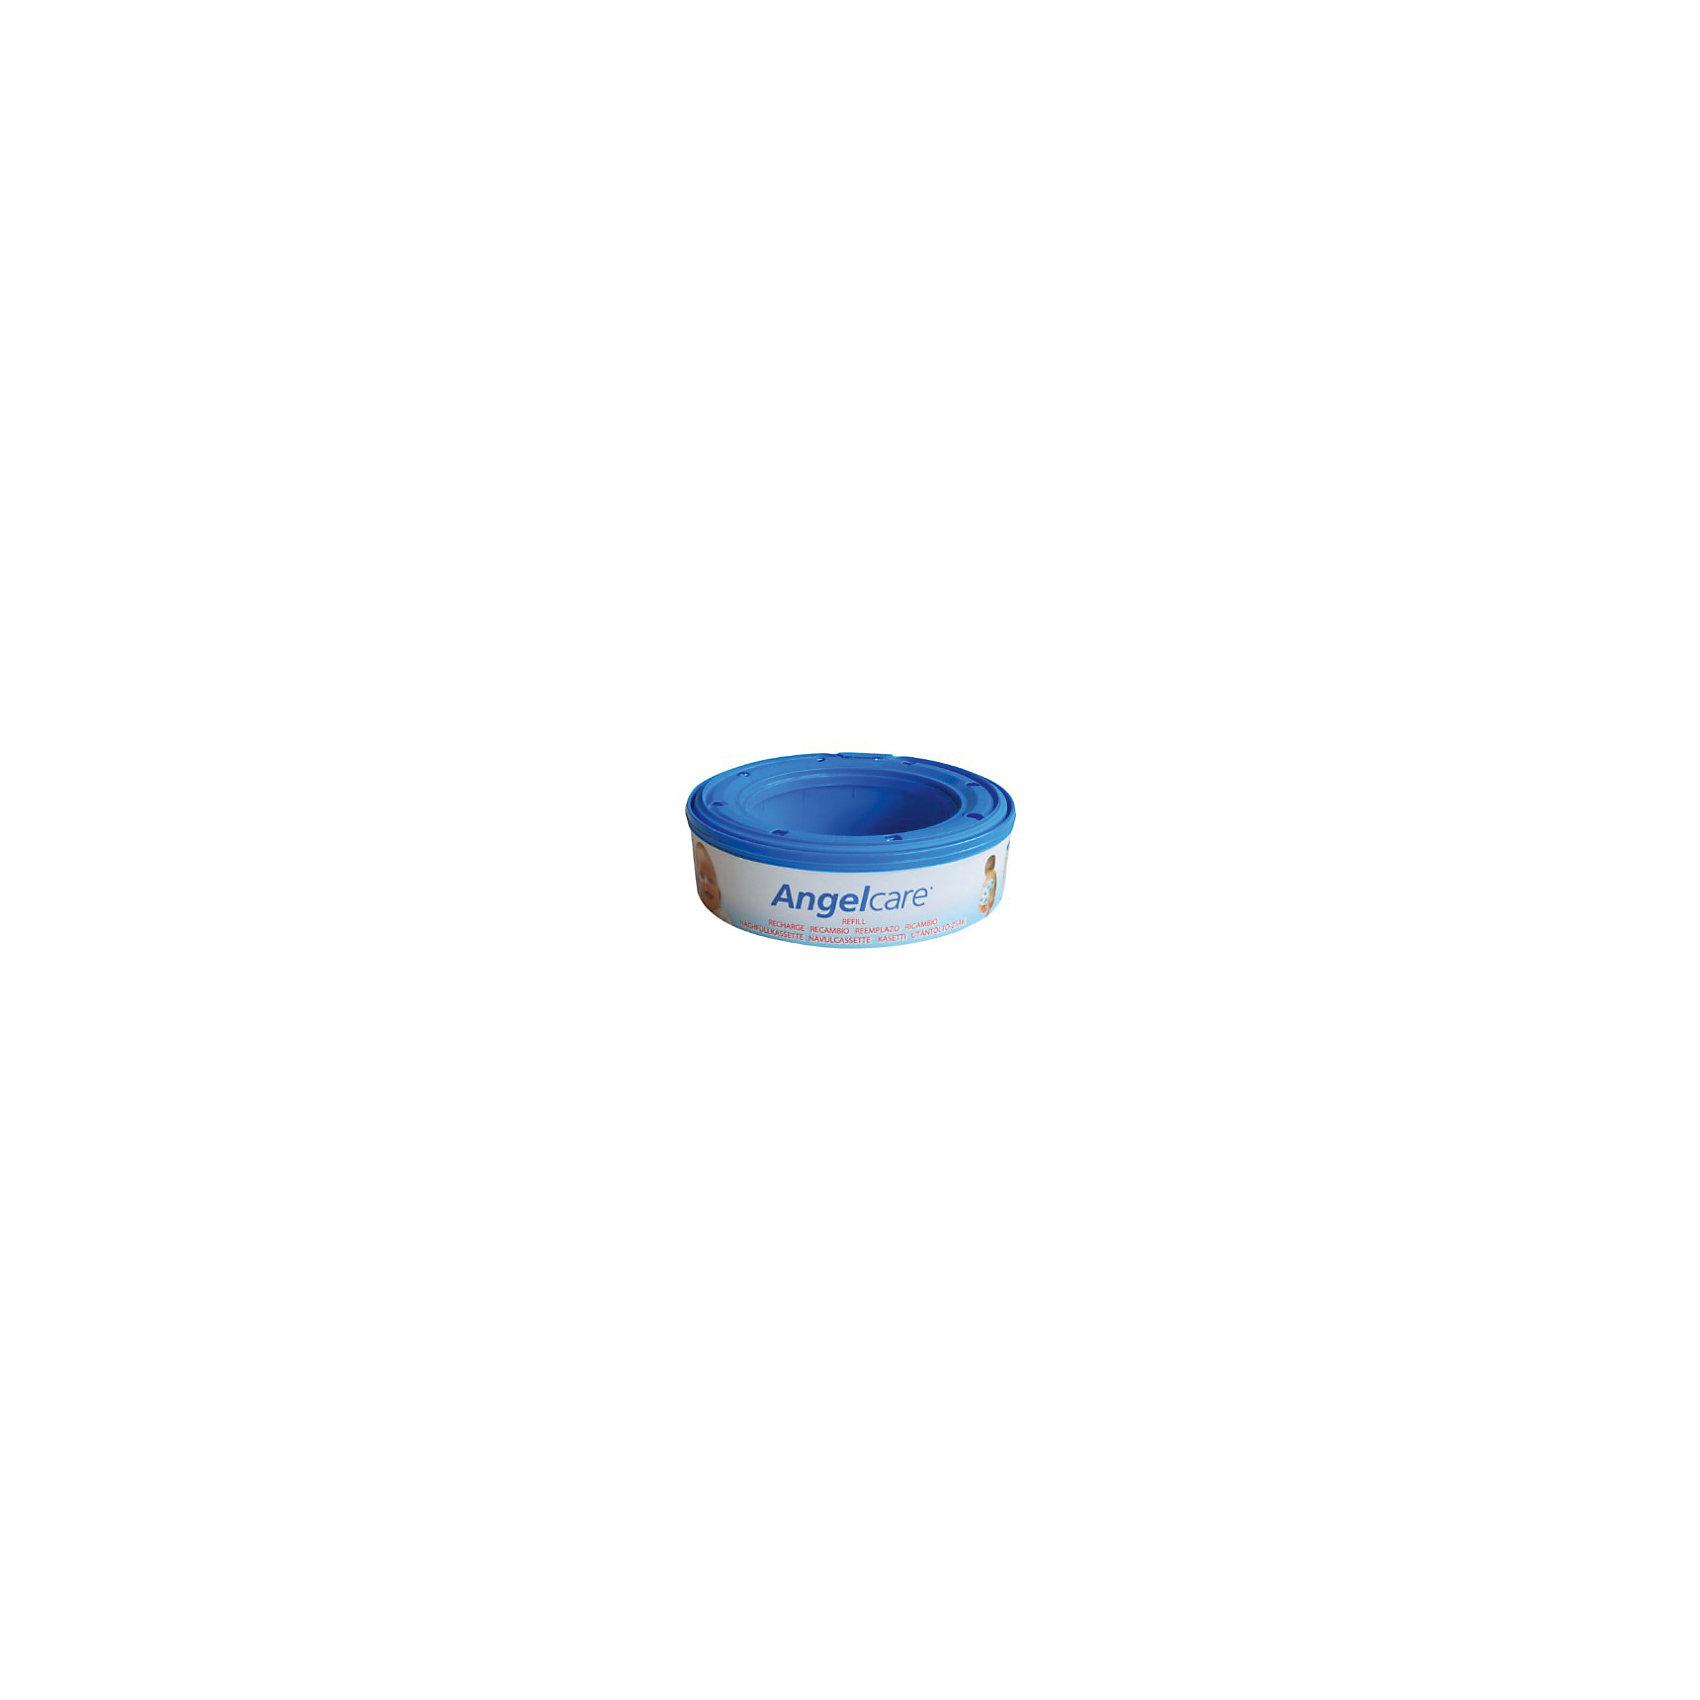 Комплект из 3-х кассет к накопителю для использованных подгузников, AngelCare (Angelcare)